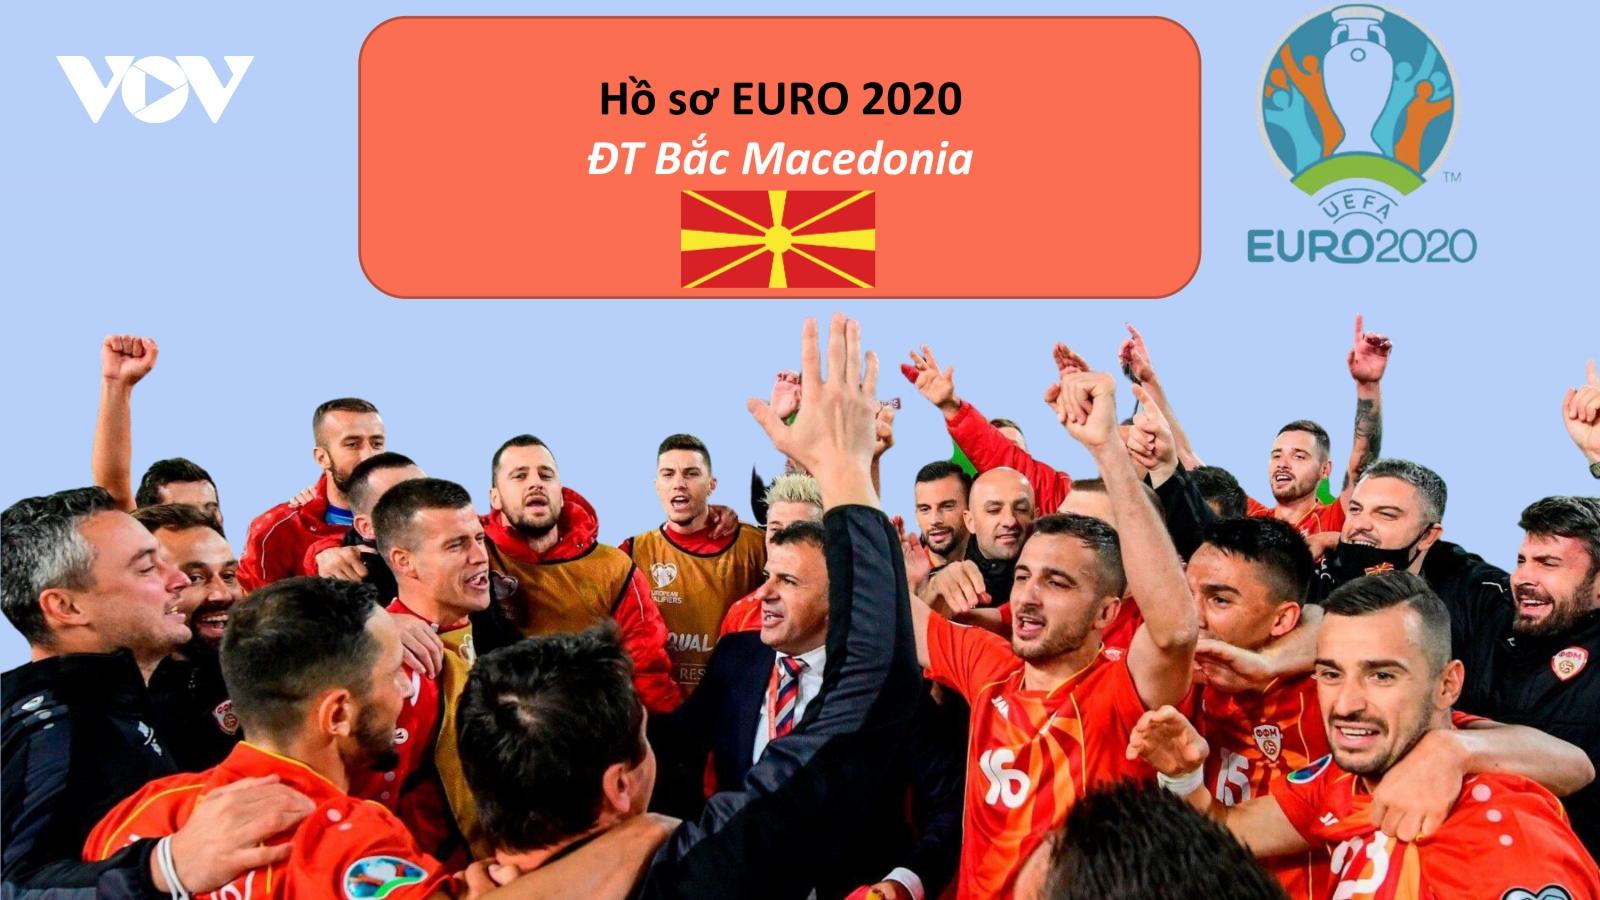 Hồ sơ các ĐT dự EURO 2020: Đội tuyển Bắc Macedonia